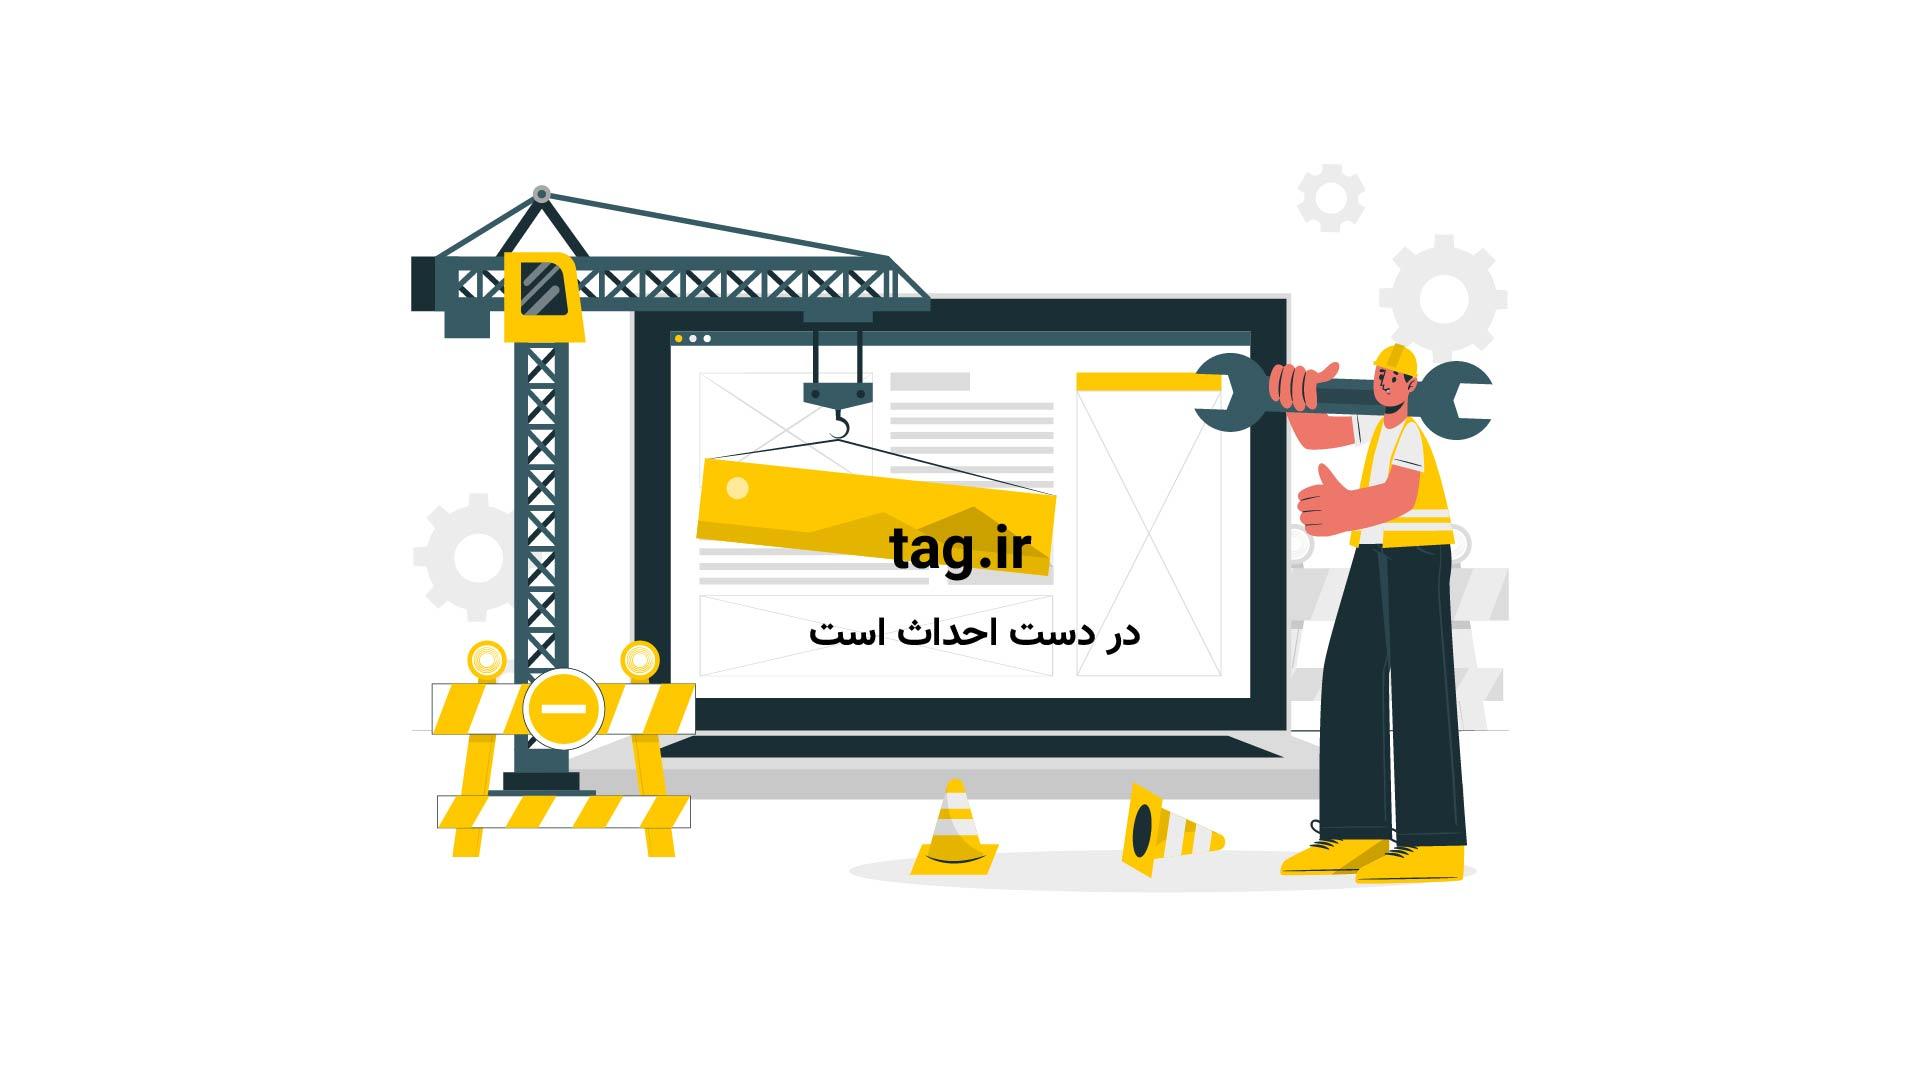 این کشتی در دریای طوفانی هم غرق نمی شود | فیلم